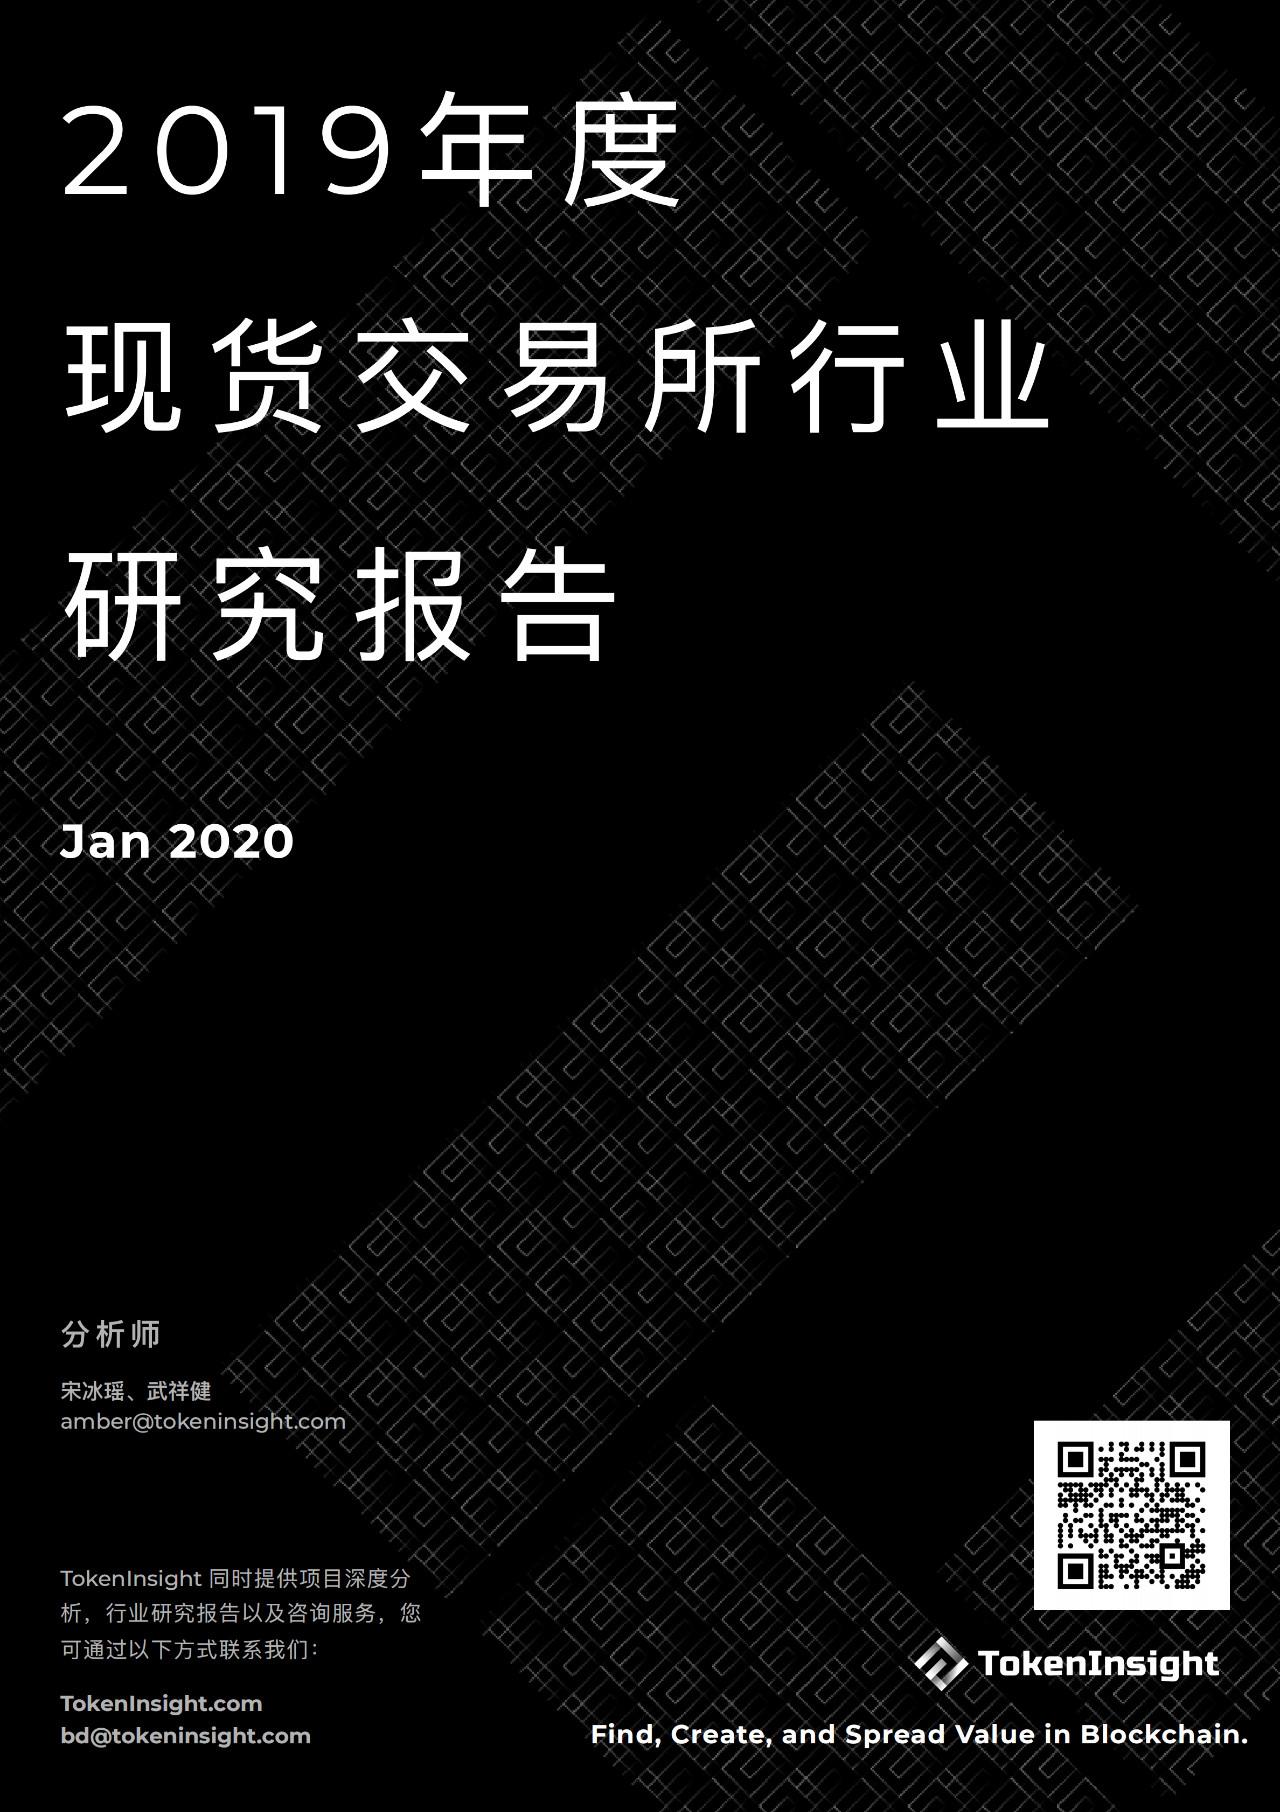 2019年度现货交易所研究报告